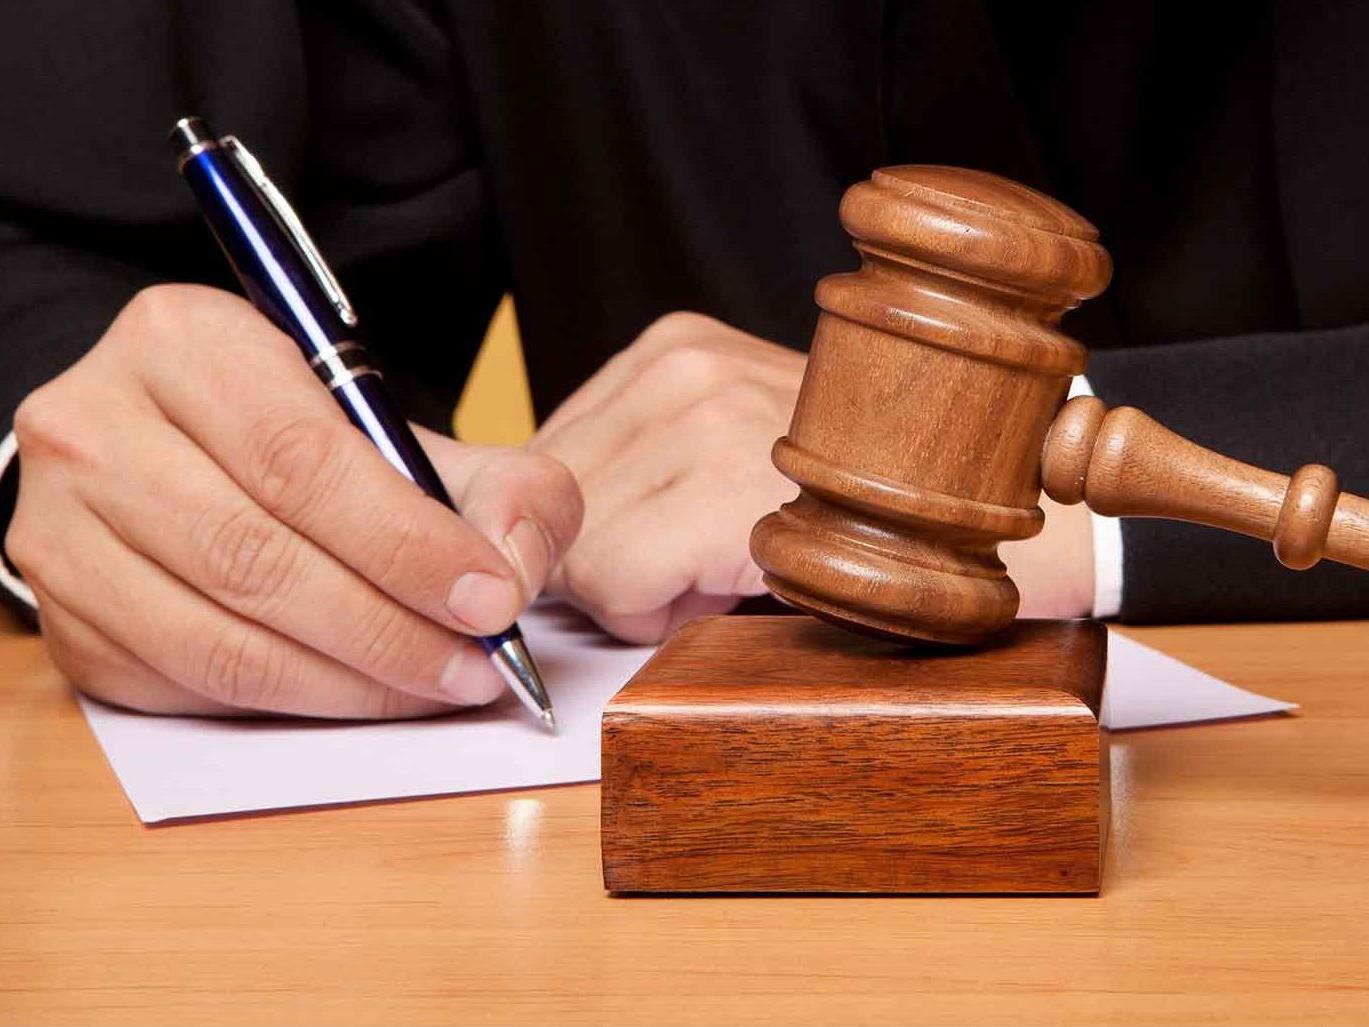 Бакинский суд не оправдал мужчину, убившего гражданскую жену на глазах у ребенка